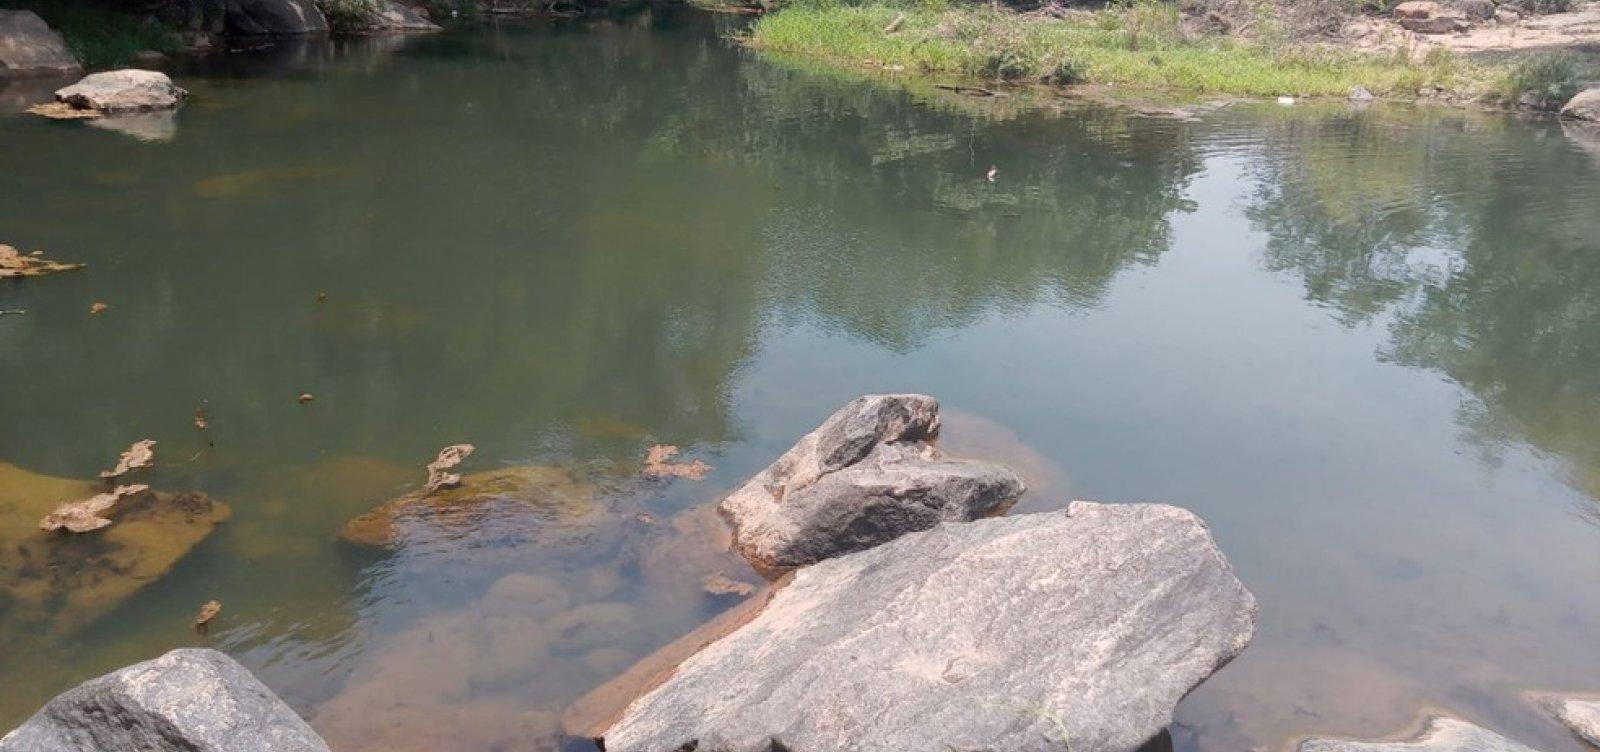 Jovem morre afogado ao tentar recuperar celular que caiu em rio na Bahia